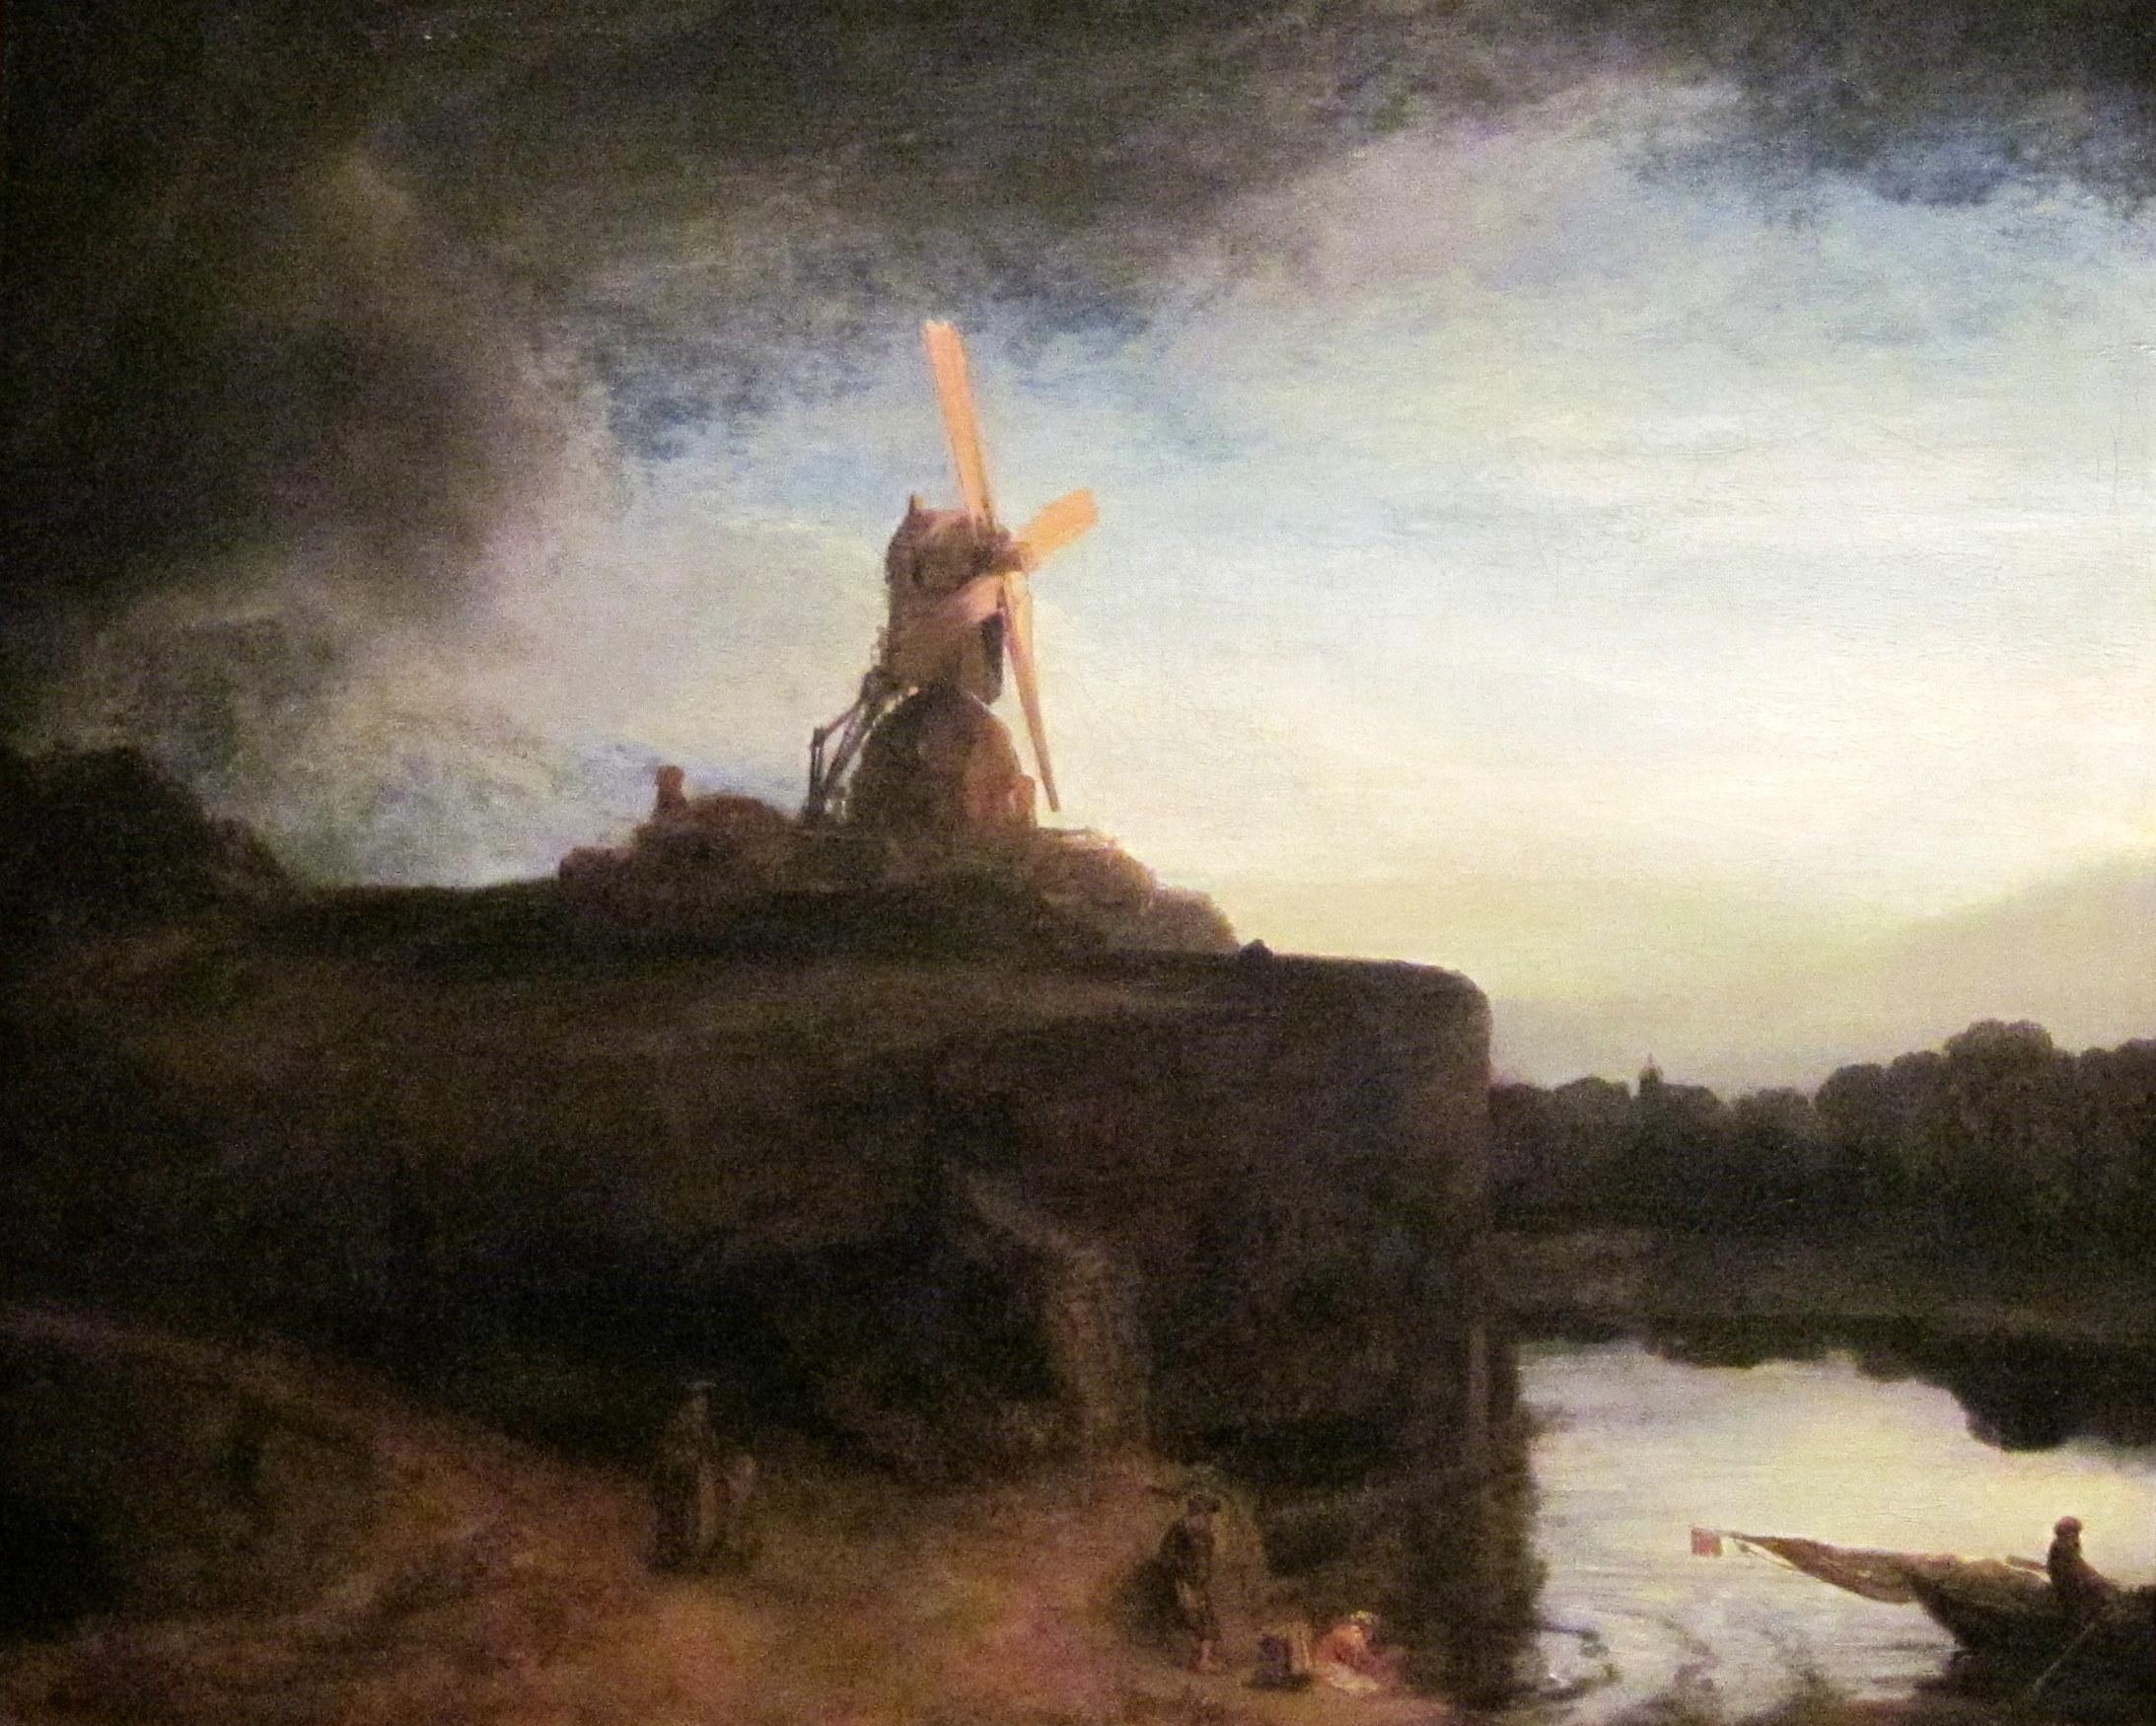 De 'glans van het genie' Rembrandt straalde vanaf de achtergracht